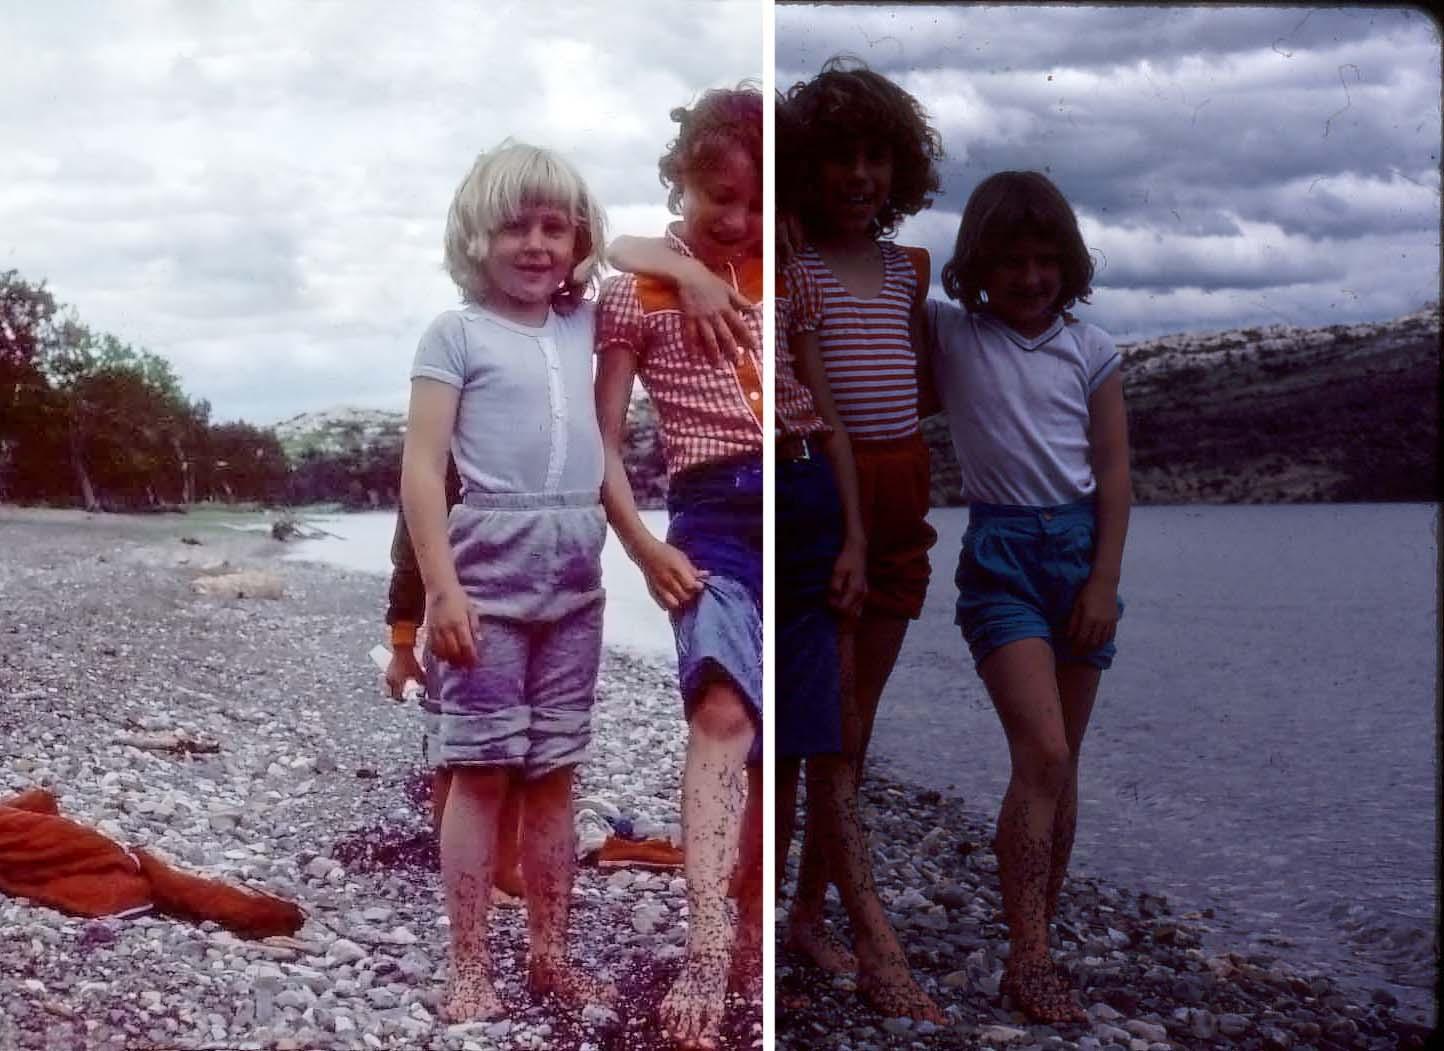 waterton friends 3a.jpg